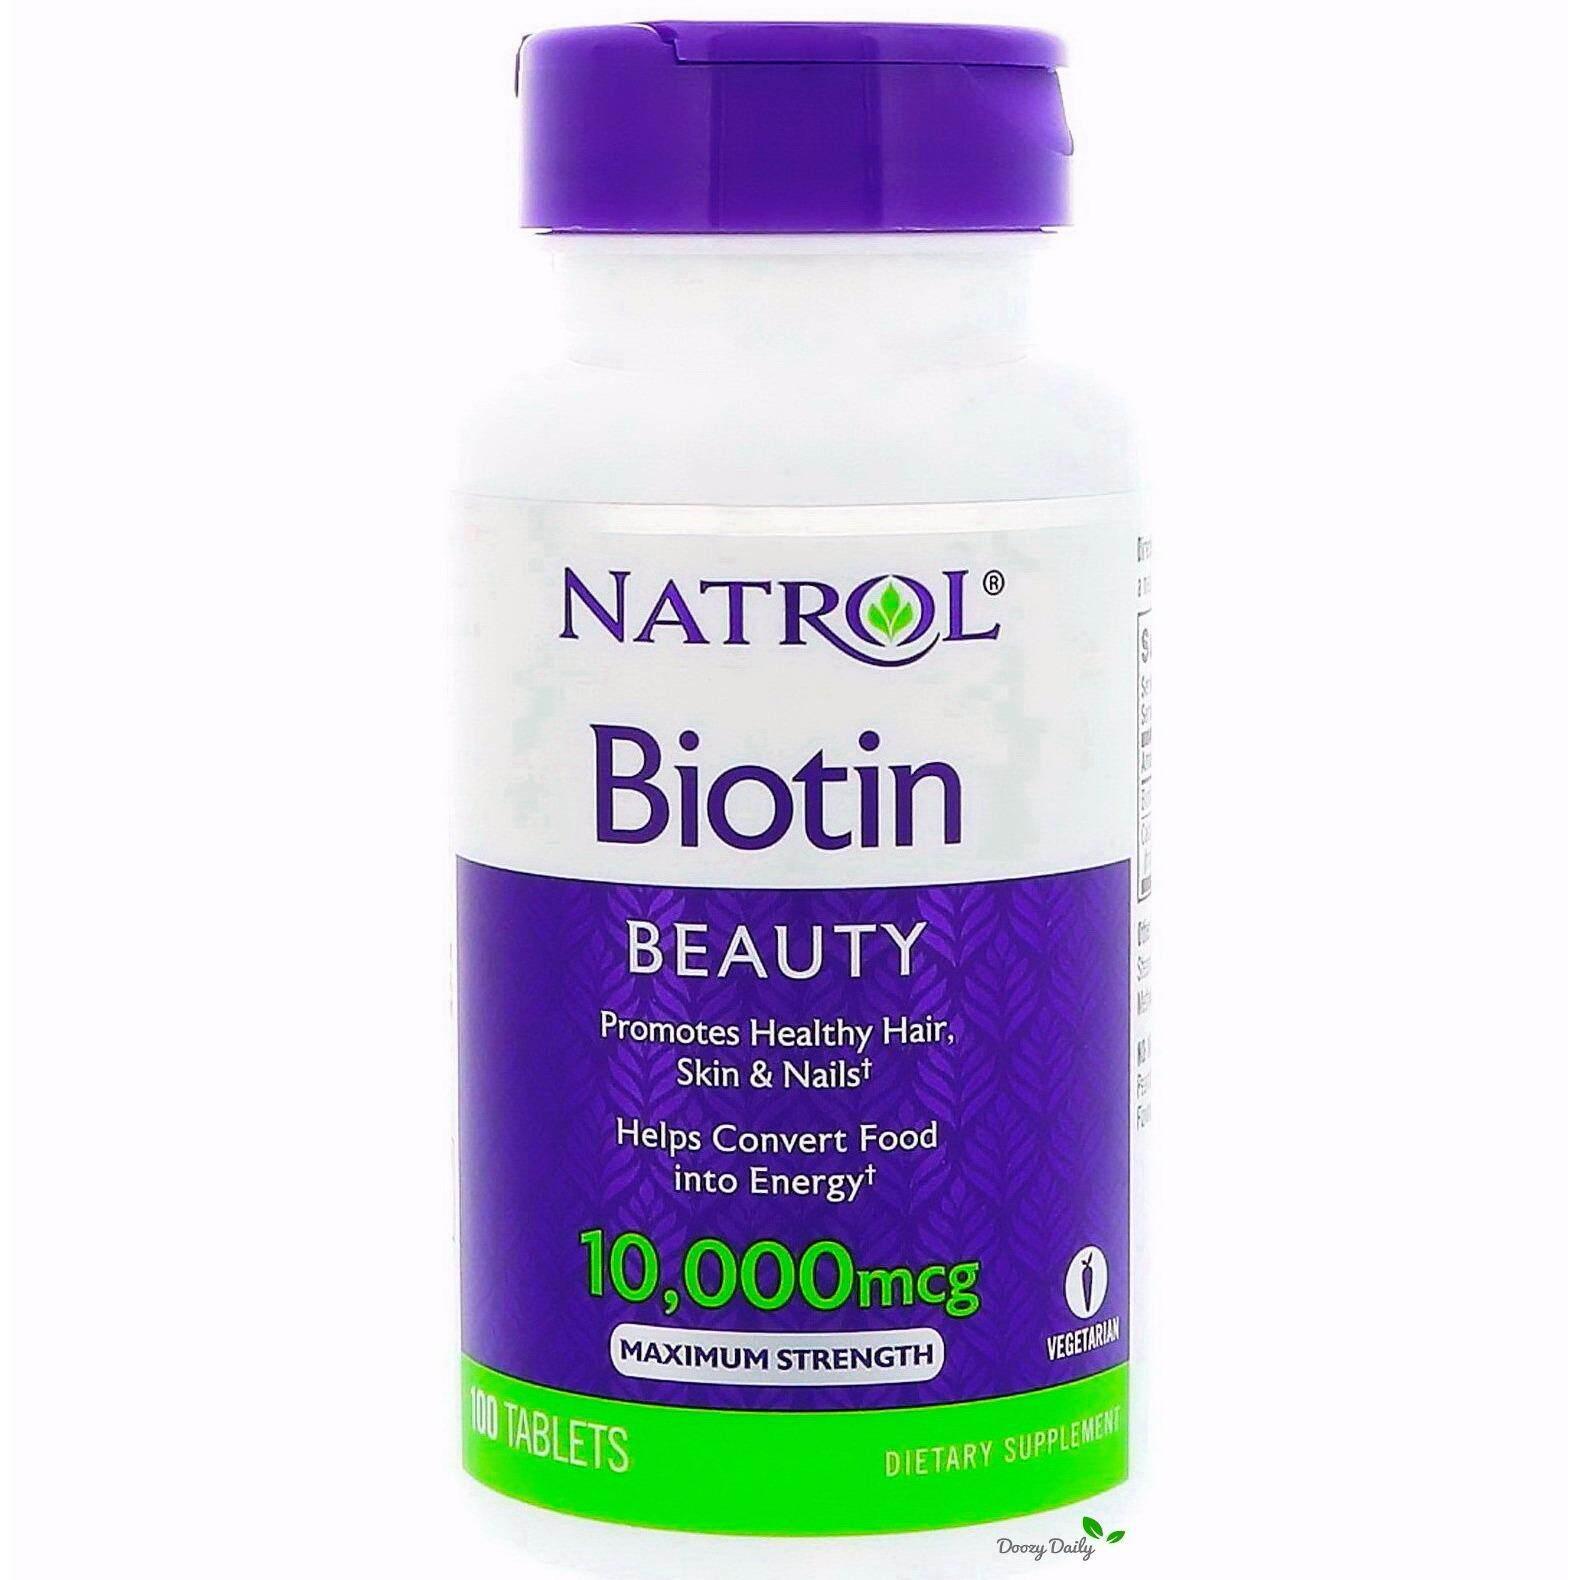 ขาย Natrol Biotin 10 000 Mcg X 100 เม็ด ไบโอติน วิตามิน เส้นผม ผิวหนัง เล็บ Maximum Strength กรุงเทพมหานคร ถูก